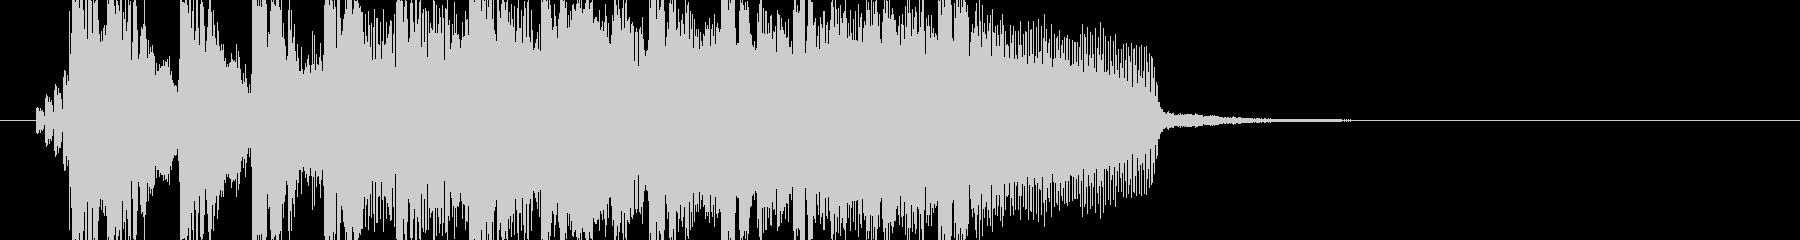 【ジングル】かわいい、デジタル風、ラジオの未再生の波形